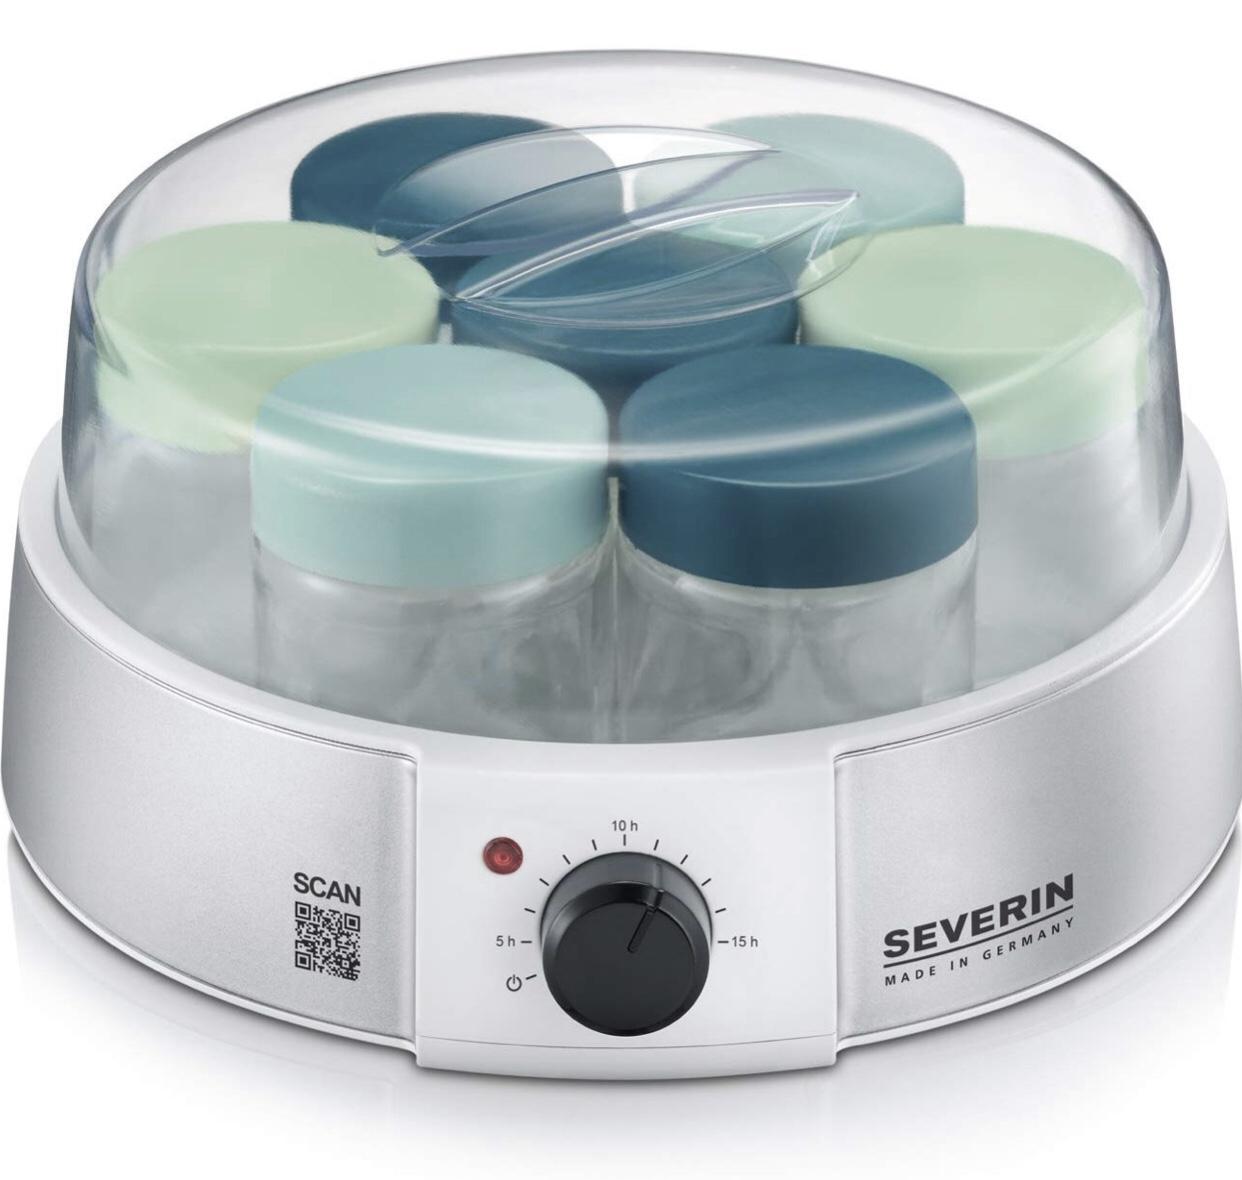 Severin JG 3525 Joghurtbereiter (13 Watt, 1 L, Anzeigelicht, Automatische Abschaltung) silber/metallic/weiß